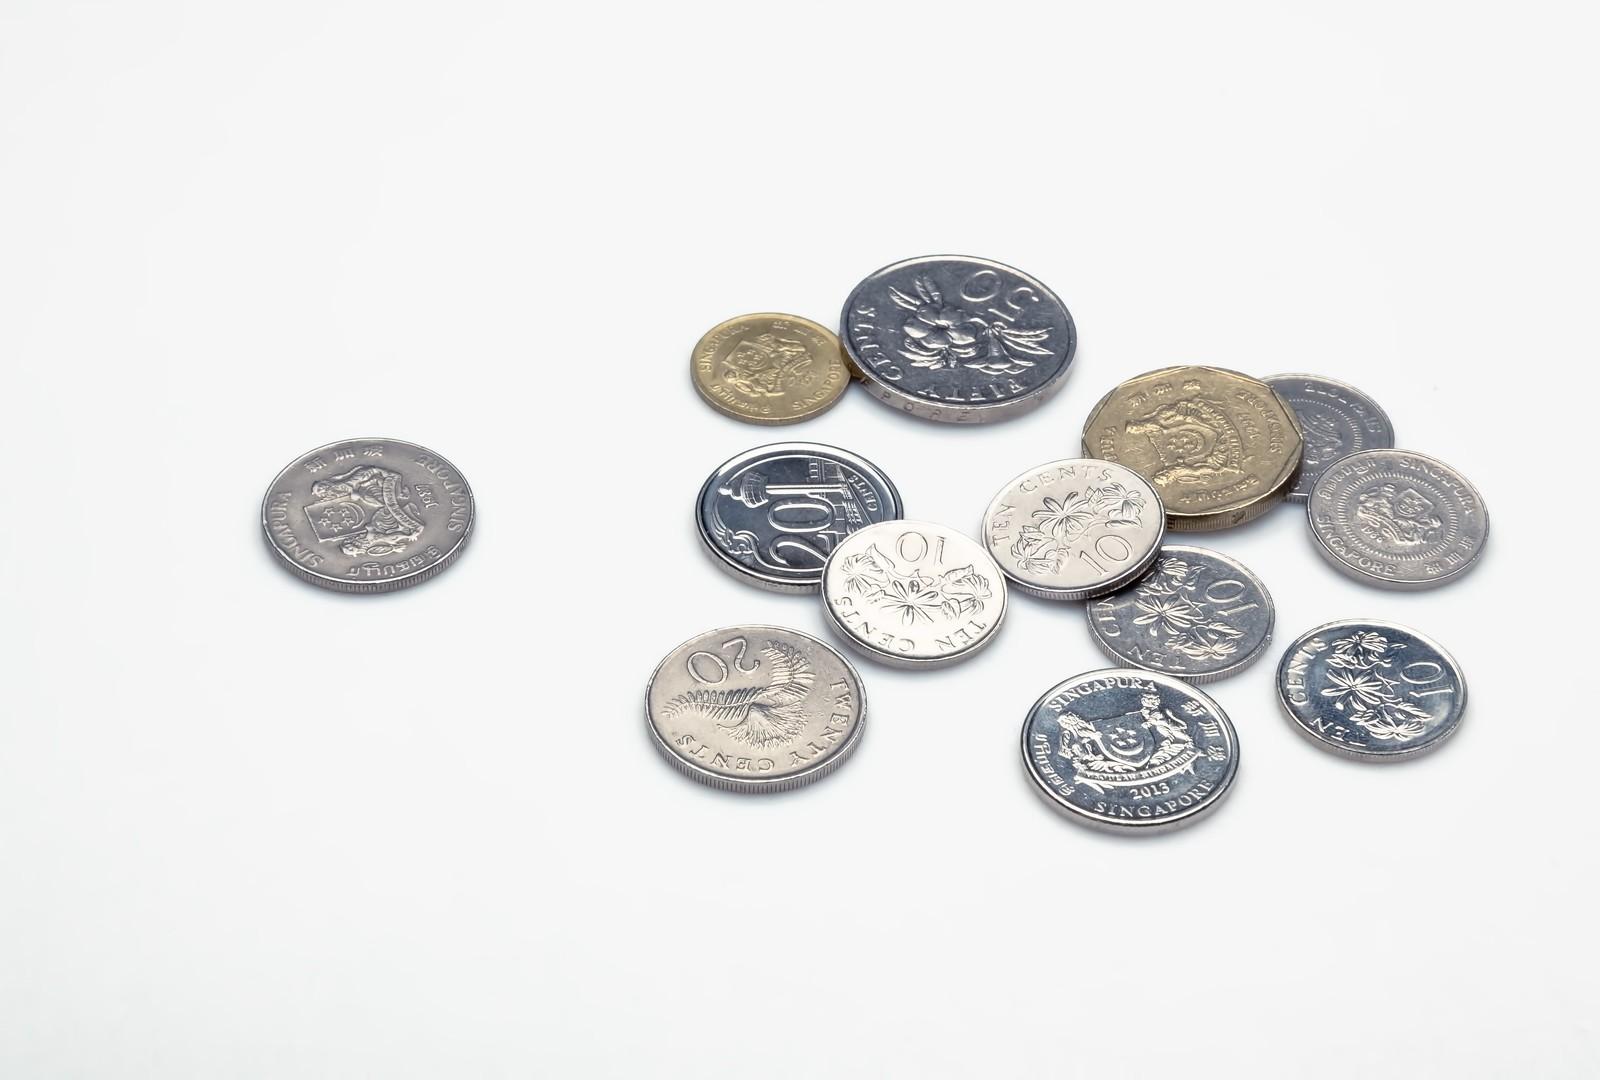 金貨が人類を魅了し続ける理由とは?